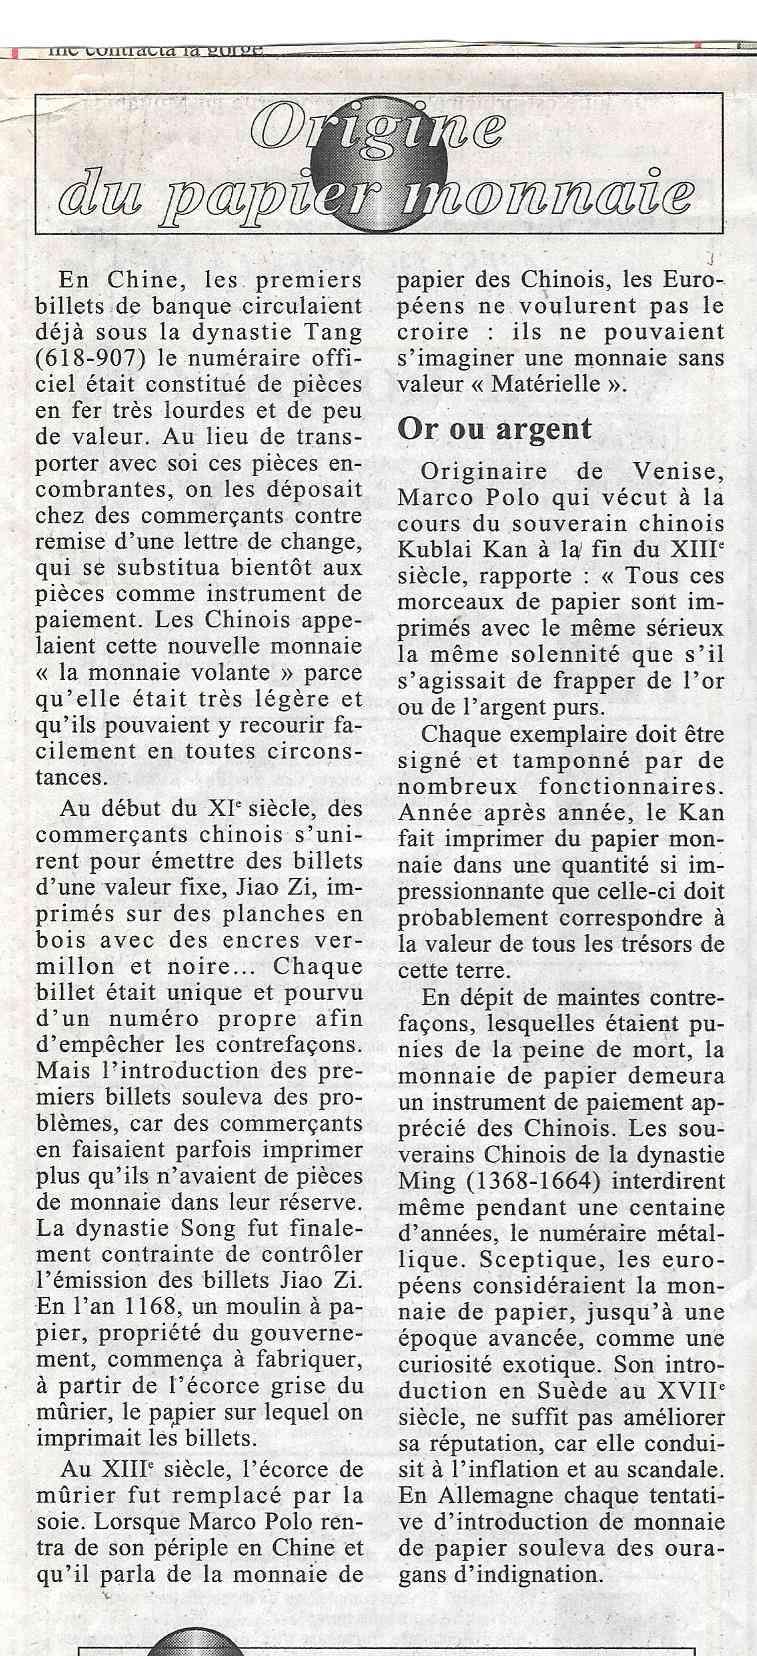 Havre - Histoire de la Monnaie 236